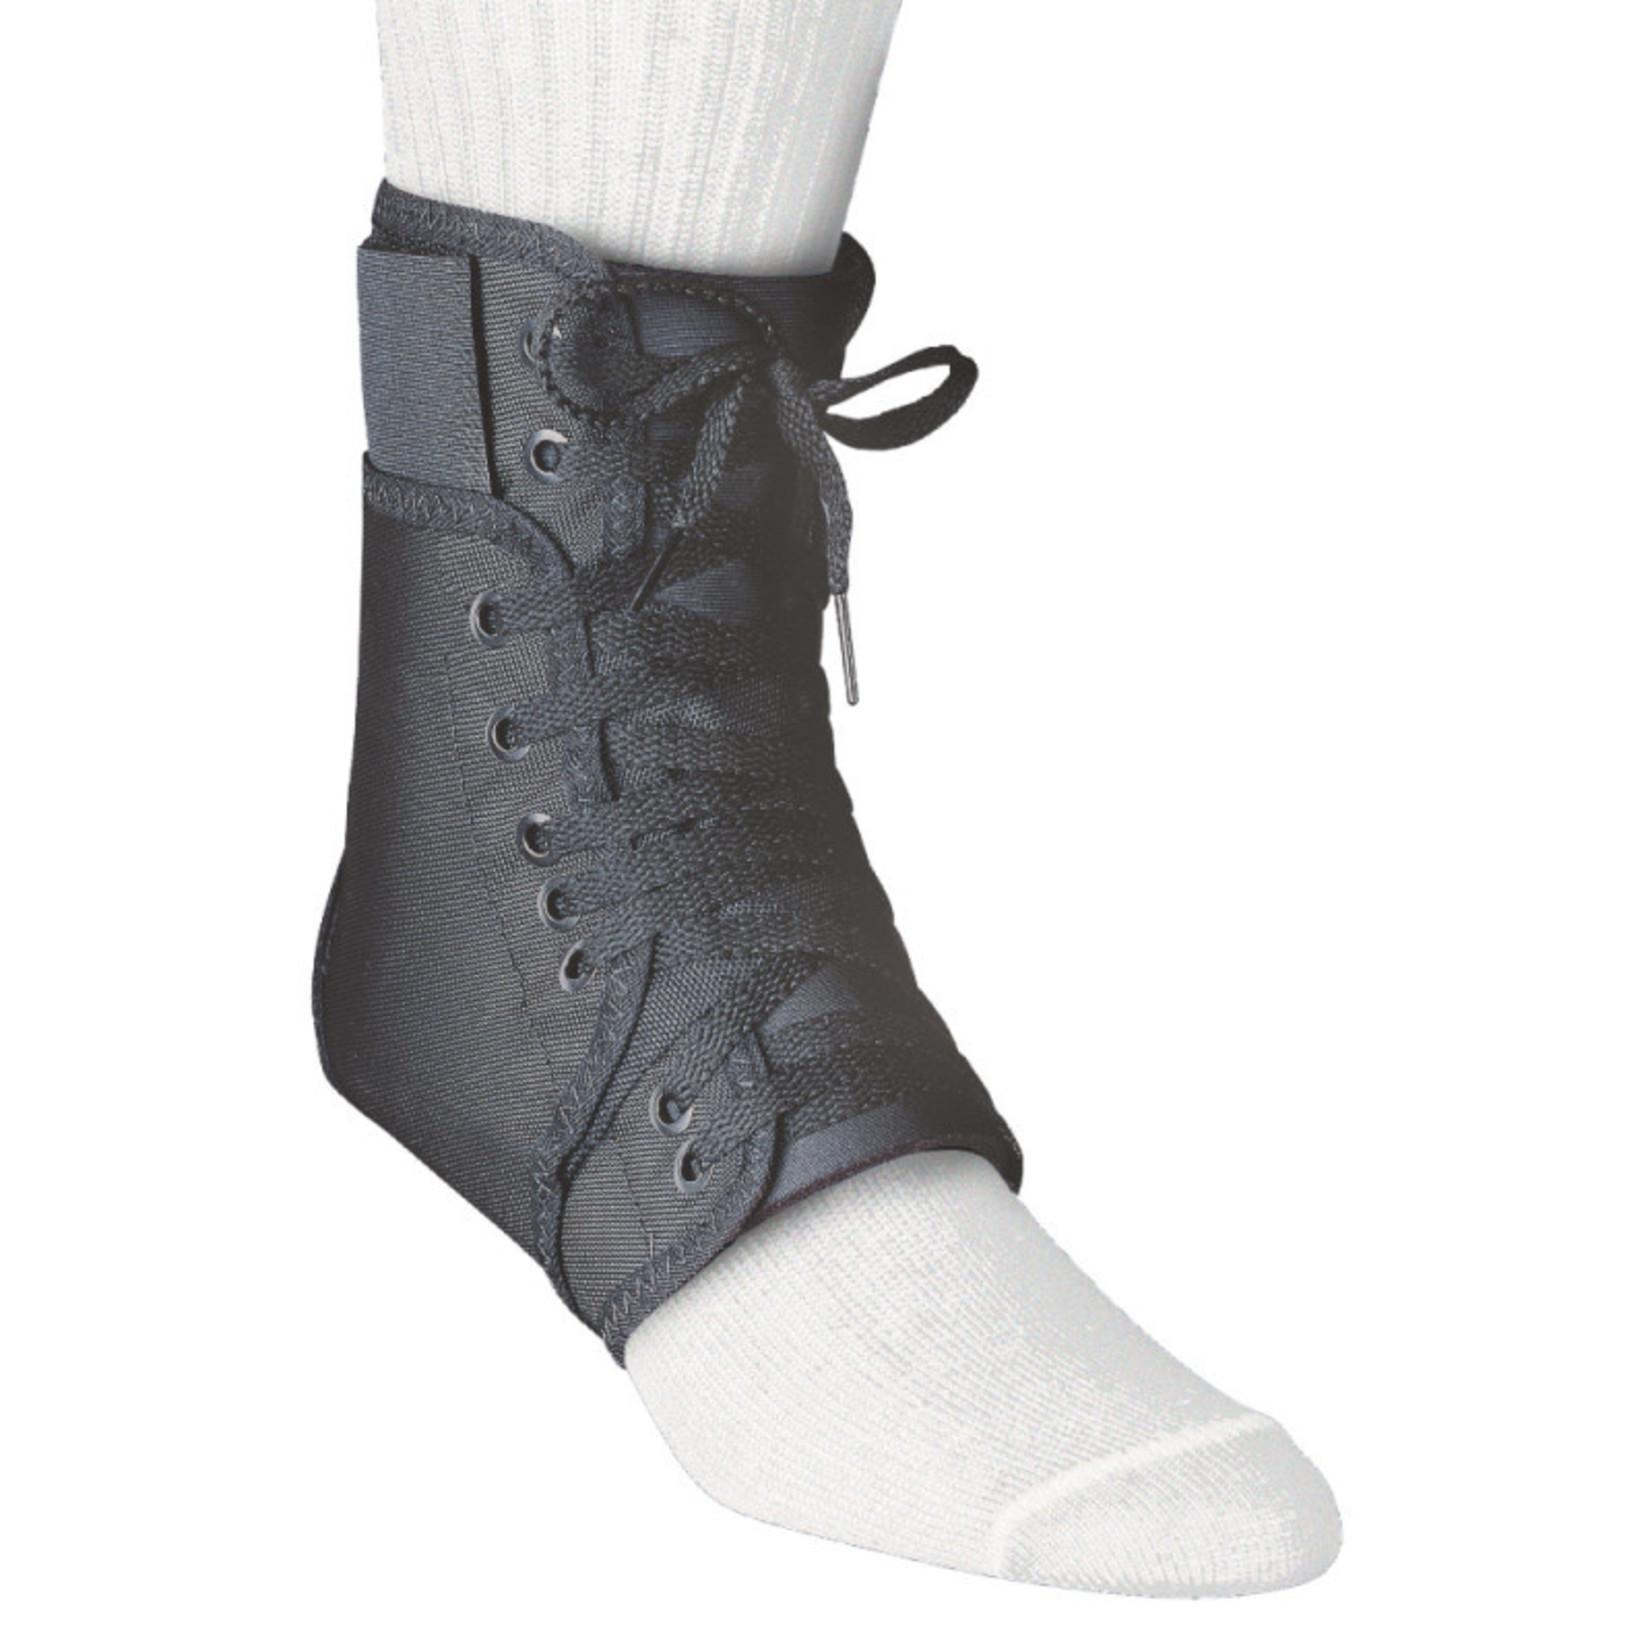 FLA Orthopedics SWEDE-O INNERLOK 8 ANKLE BRACE